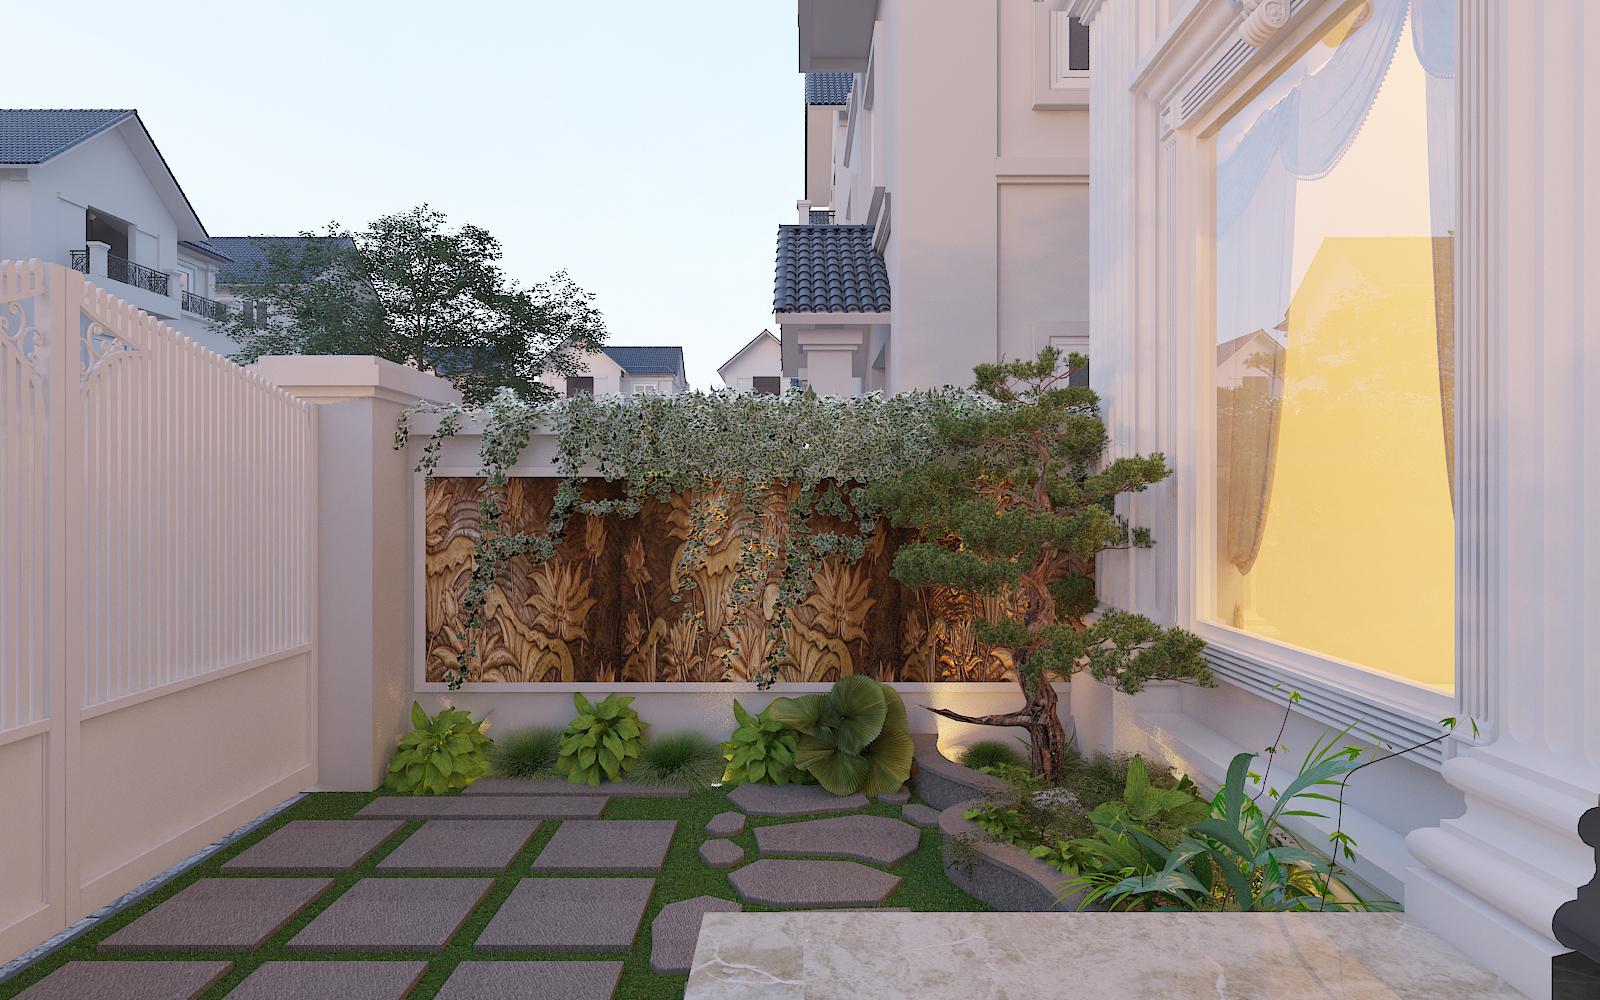 thiết kế nội thất Biệt Thự tại Hà Nội bt Vinhomes - riverside 7 1568276257